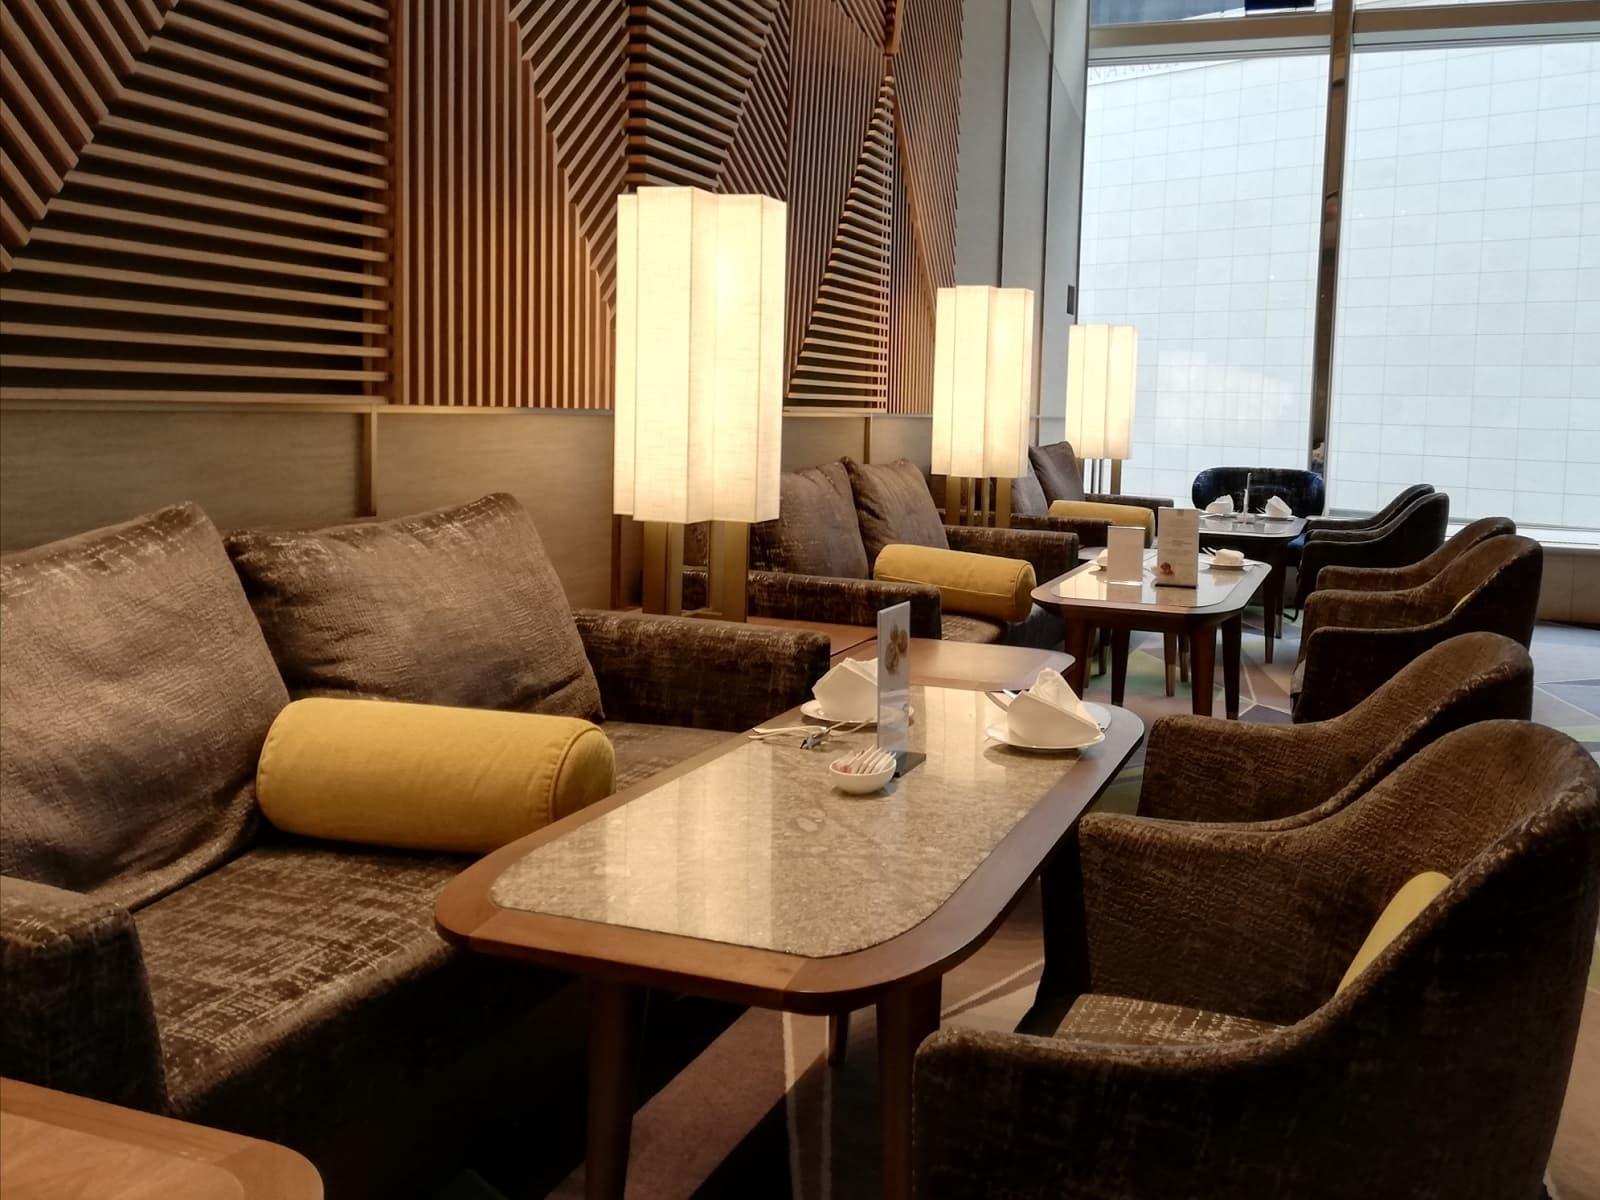 スイスホテル南海大阪の福岡・八女茶アフタヌーンティー実施レストラン「ザ・ラウンジ」の店内